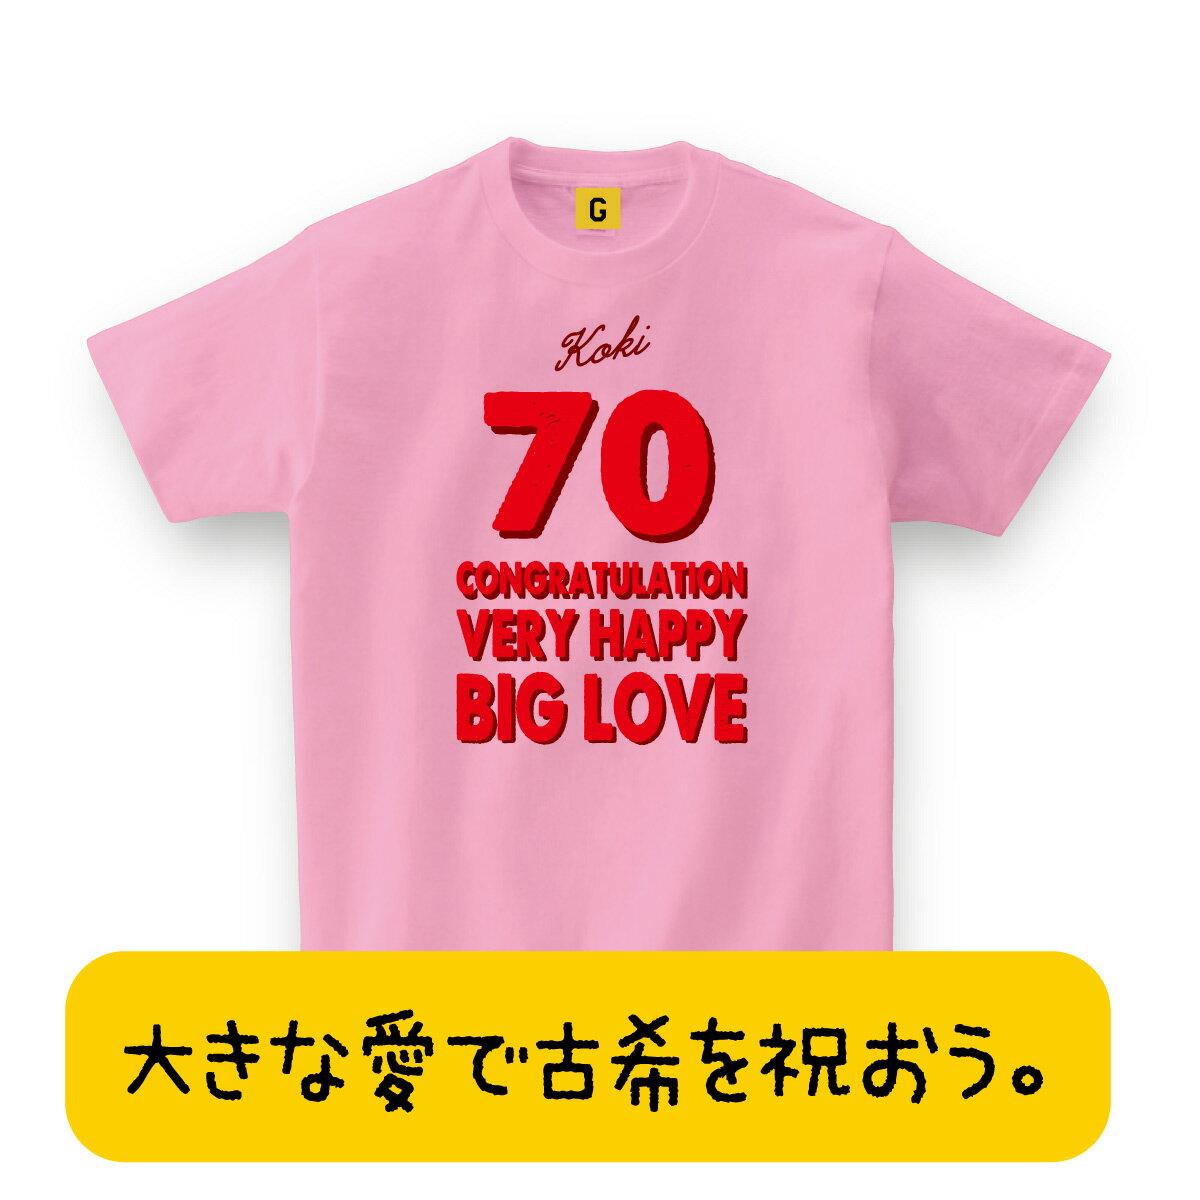 大人気 古希Tシャツ 古希 BIG LOVE 古希 祝い プレゼント 【古希祝い 父の日】70歳 誕生日 長寿 古希 お祝い Tシャツ おもしろ プレゼント GIFTEE